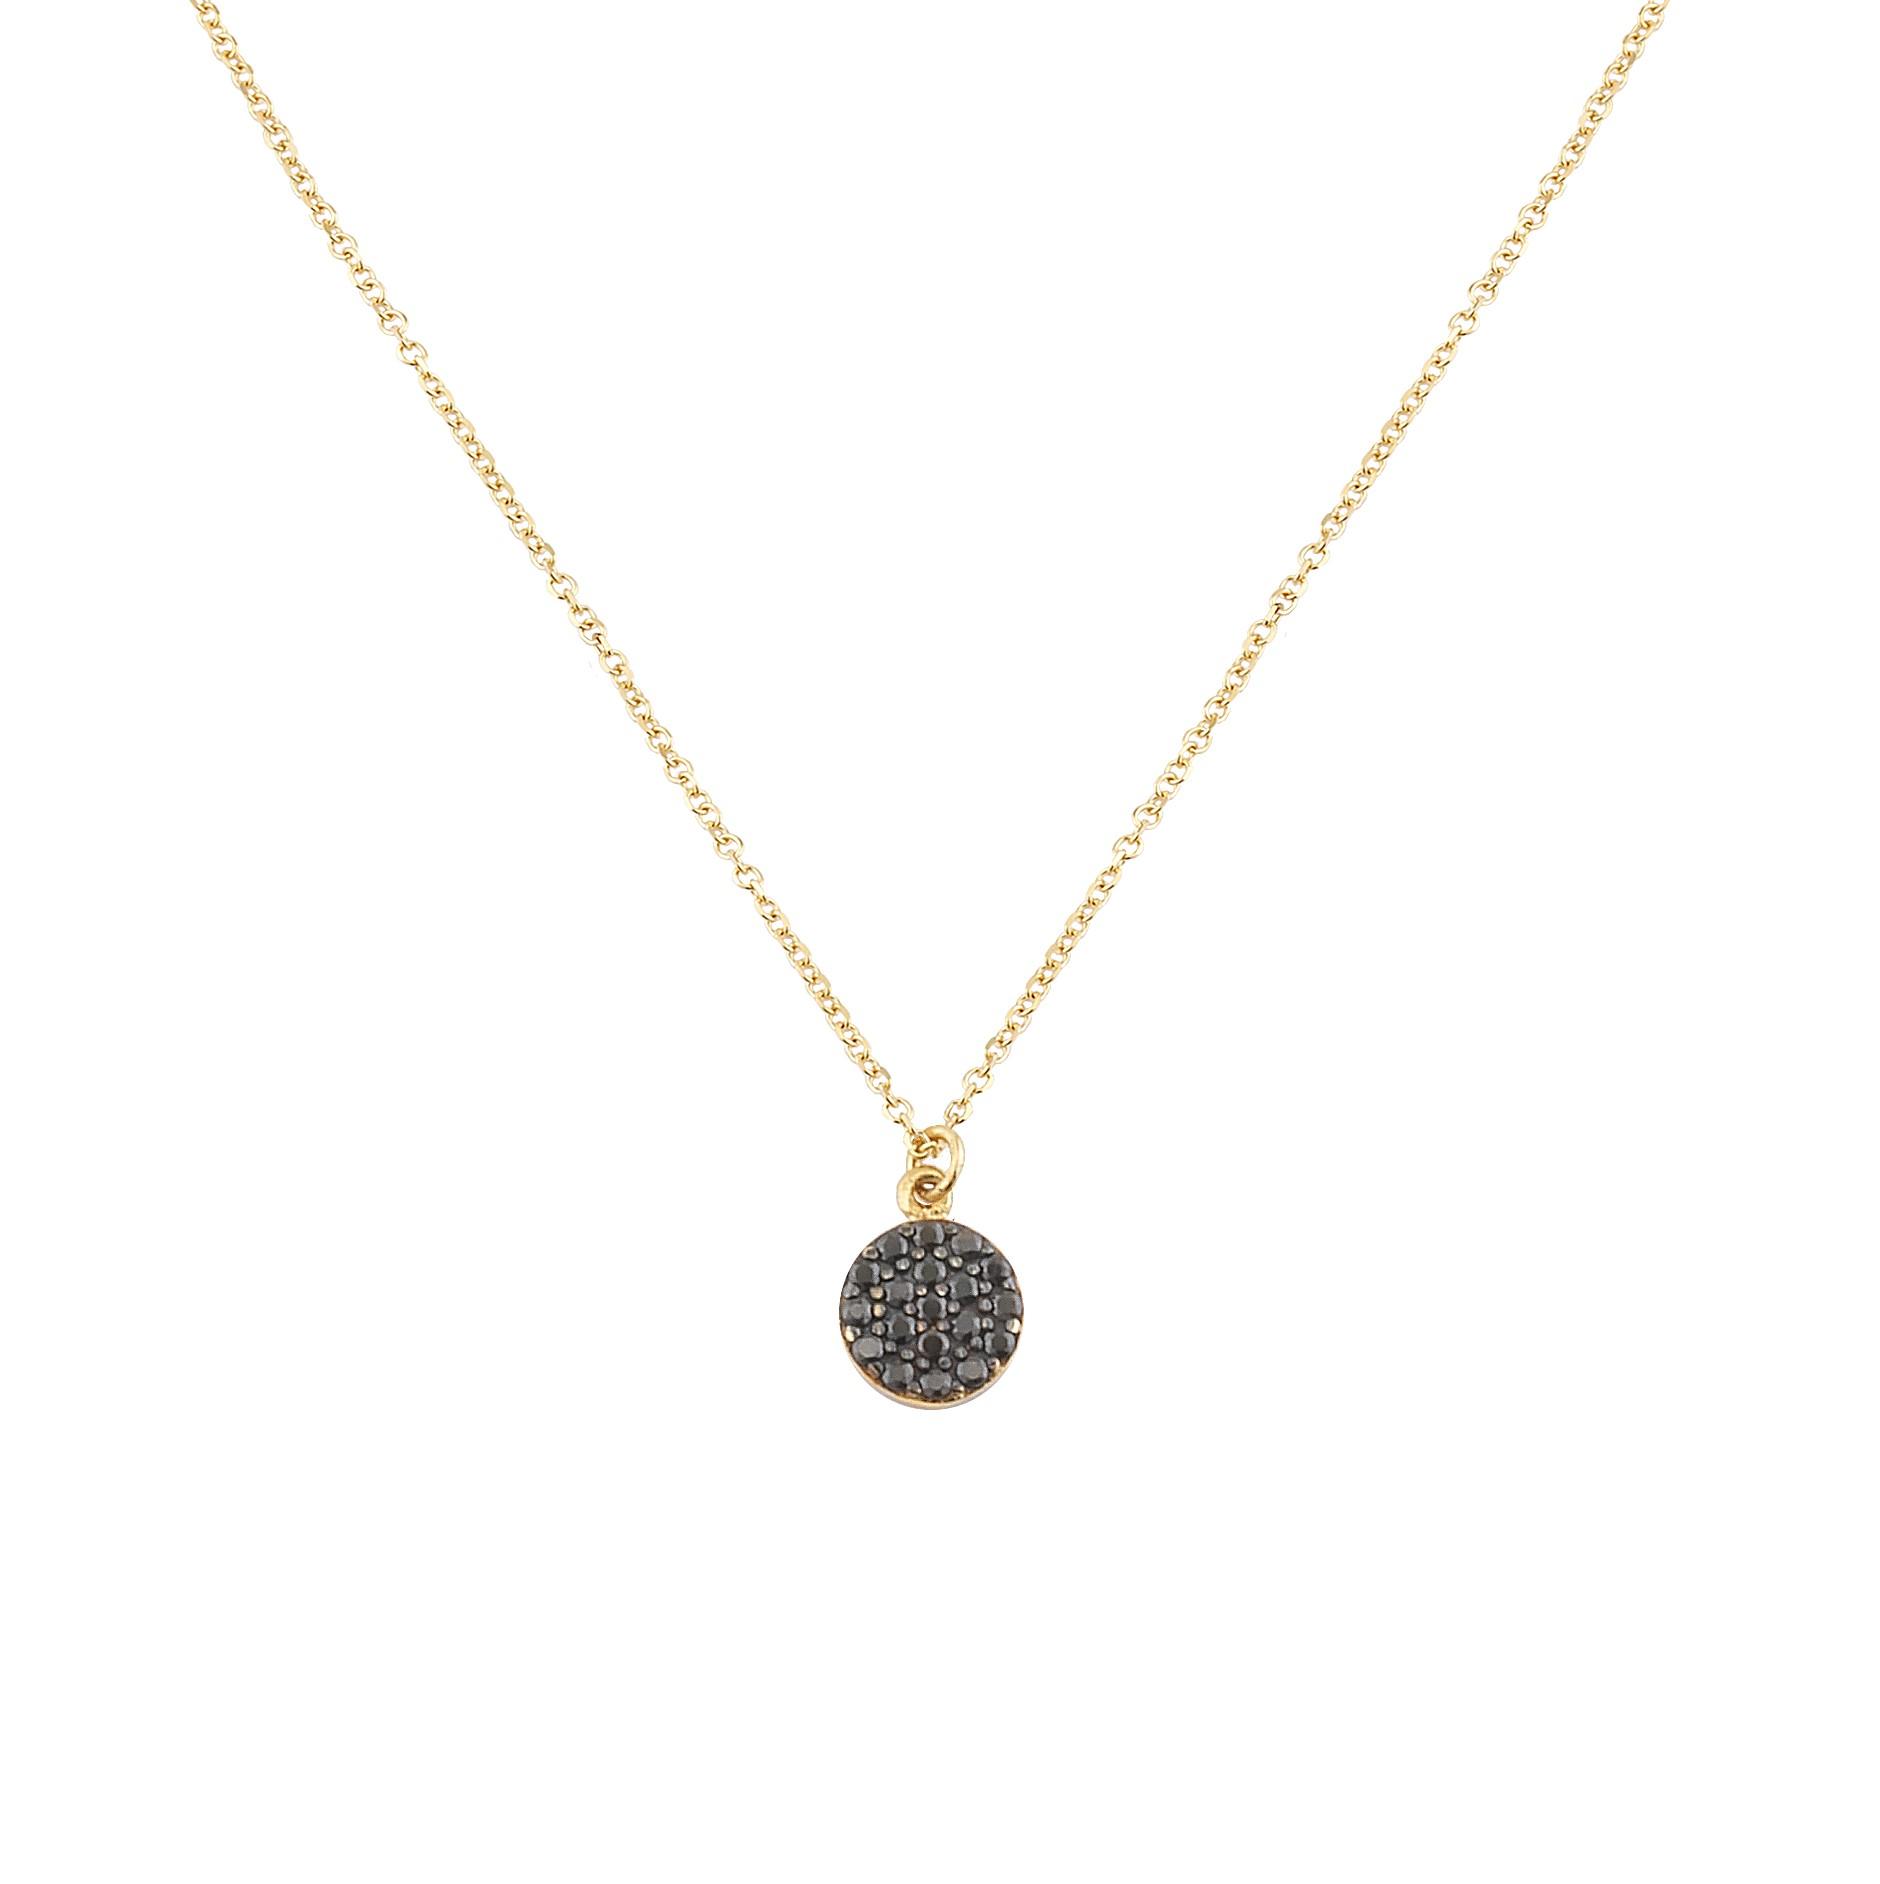 Κολιέ με Μαύρα Ζιργκόν Χρυσός Κ9 - 10367